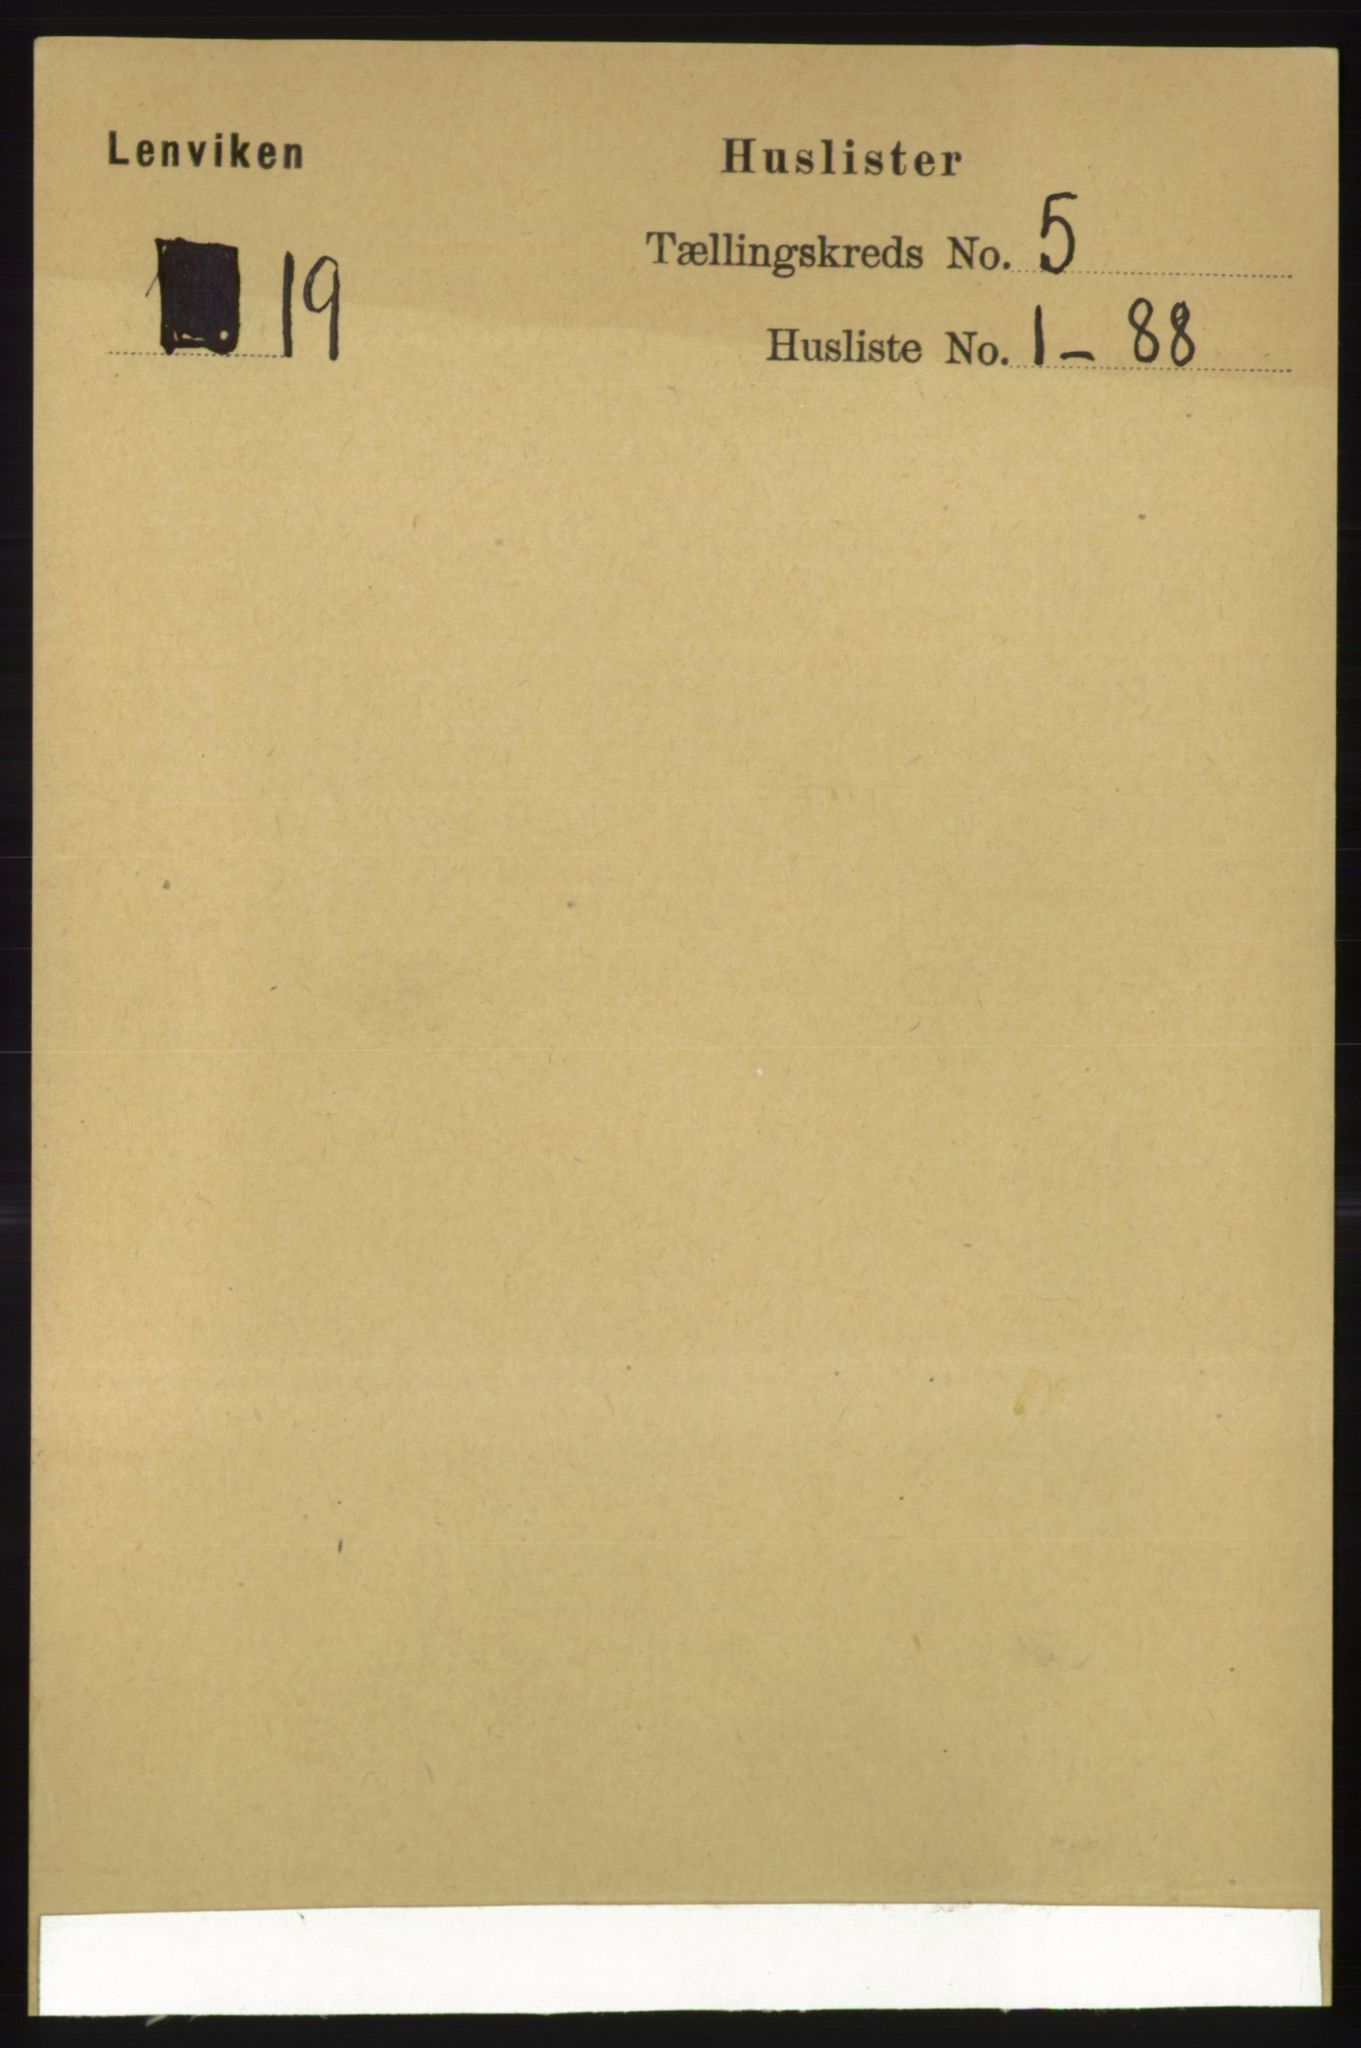 RA, Folketelling 1891 for 1931 Lenvik herred, 1891, s. 2458